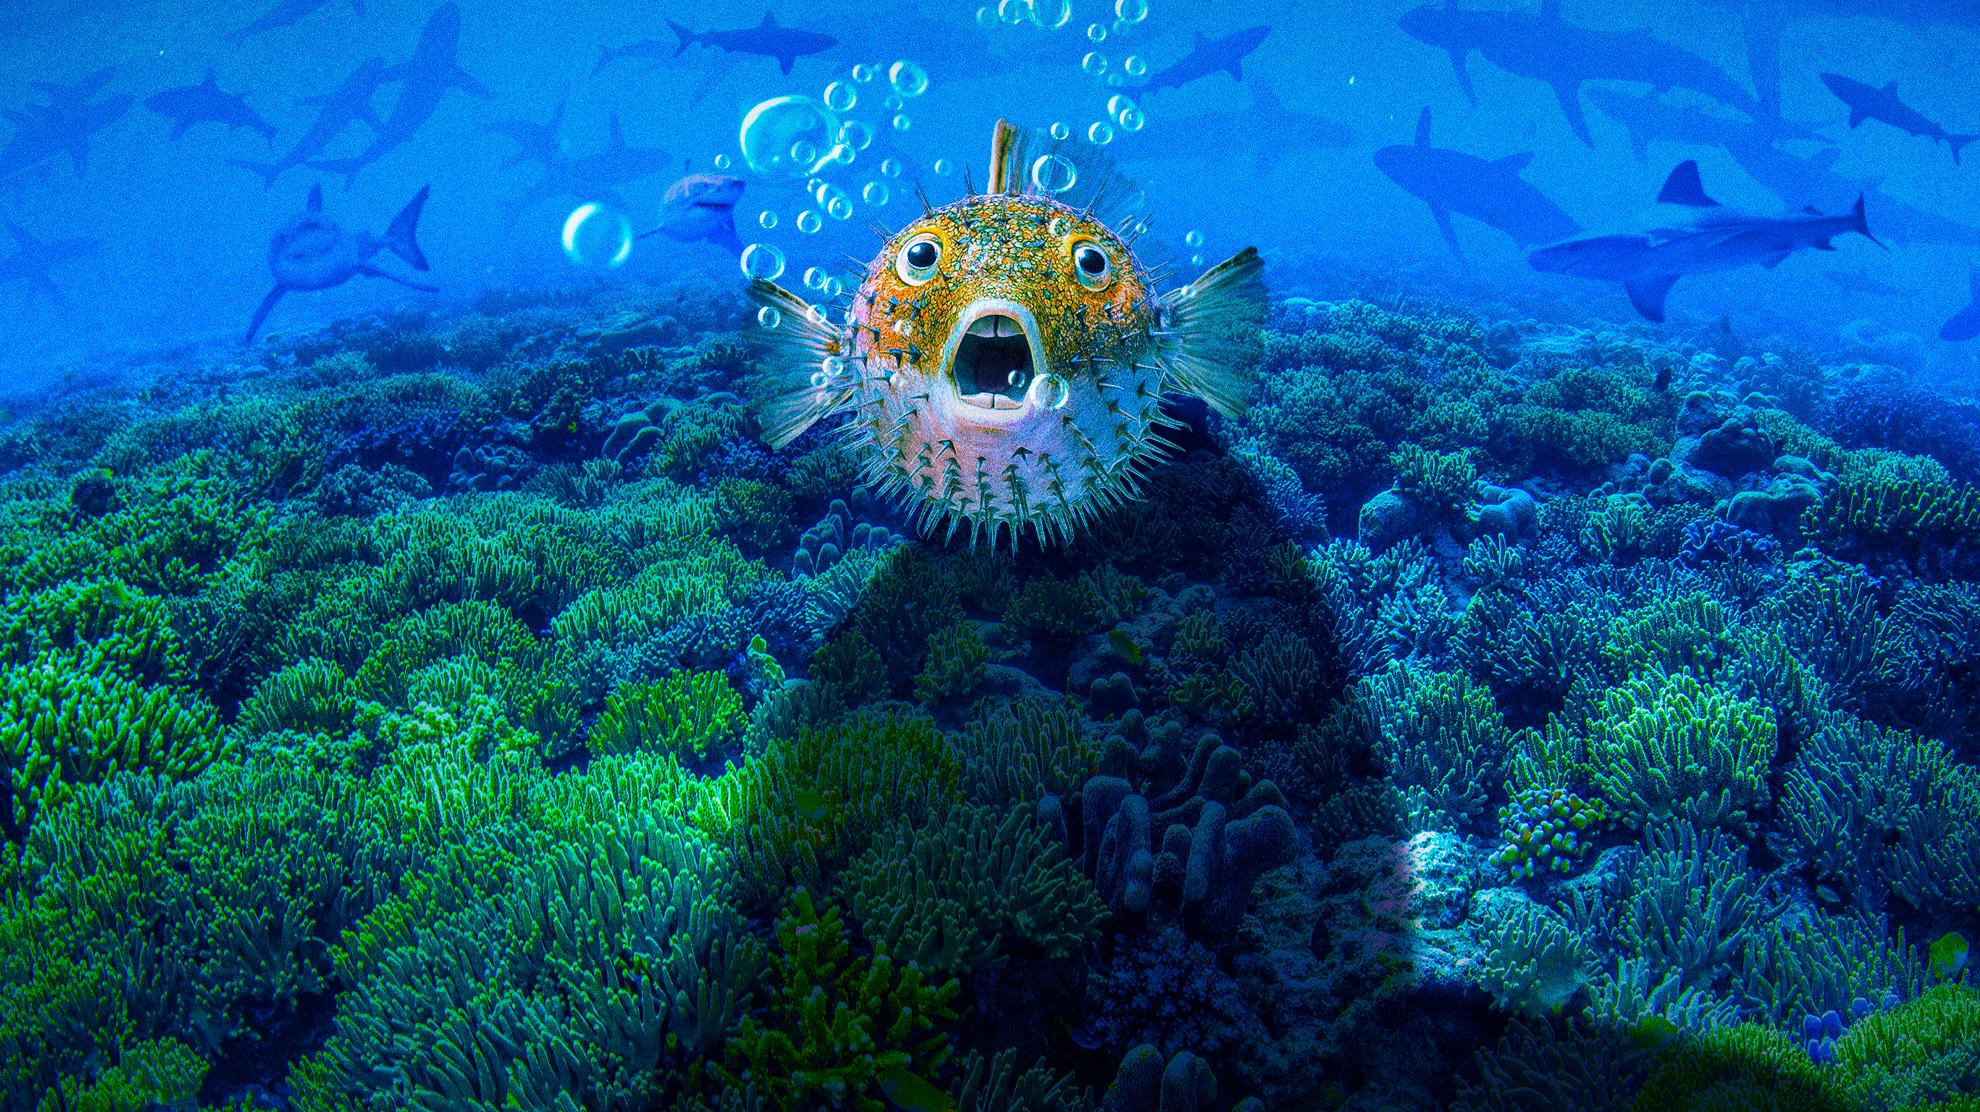 sito di incontri Blowfish